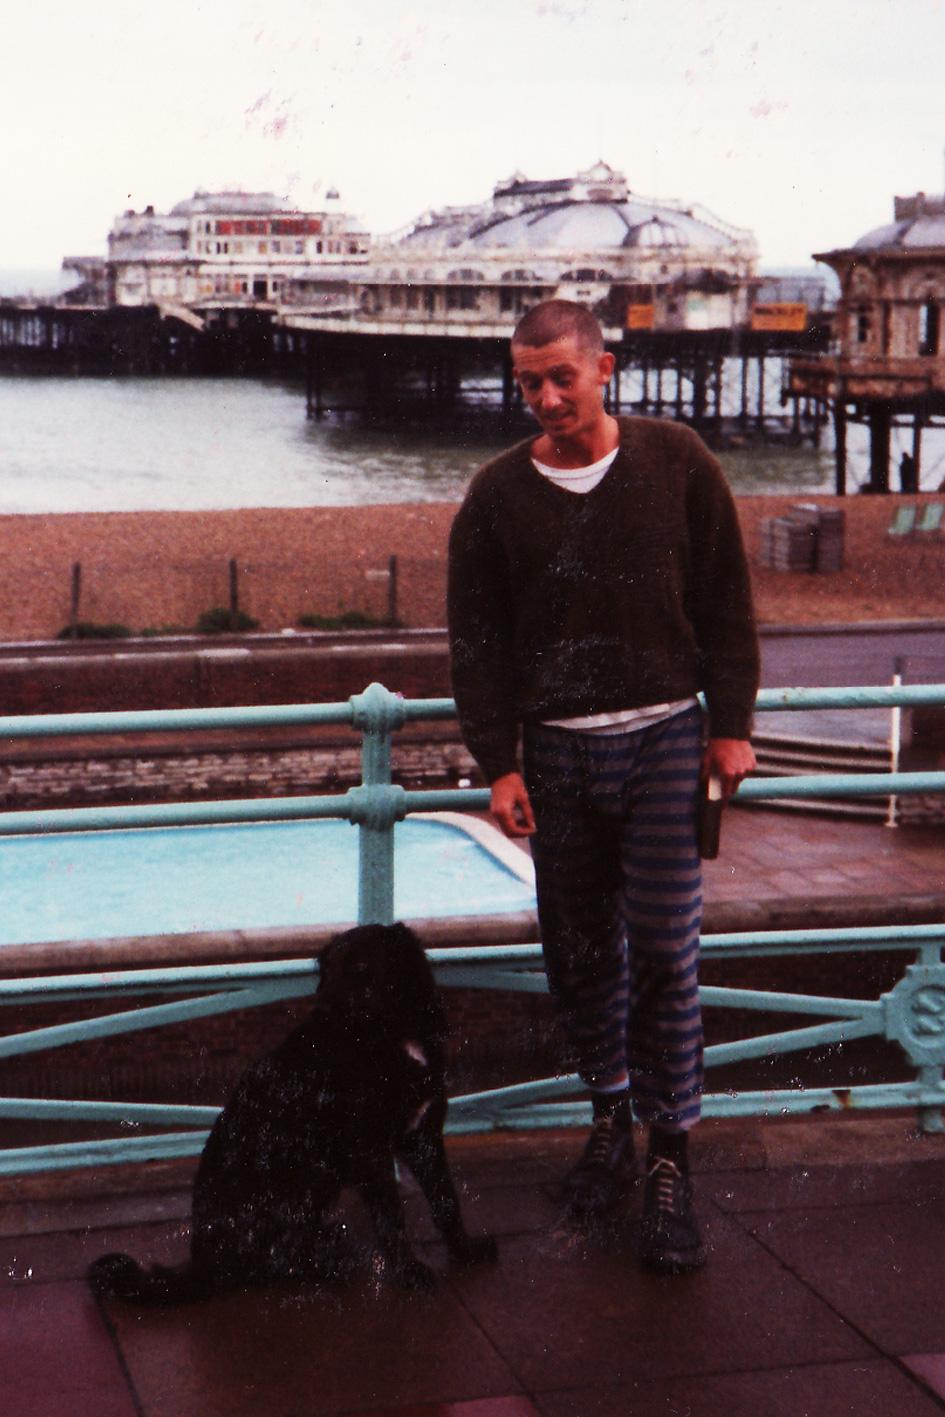 1988_07_BrightonWestpier_wm.jpg